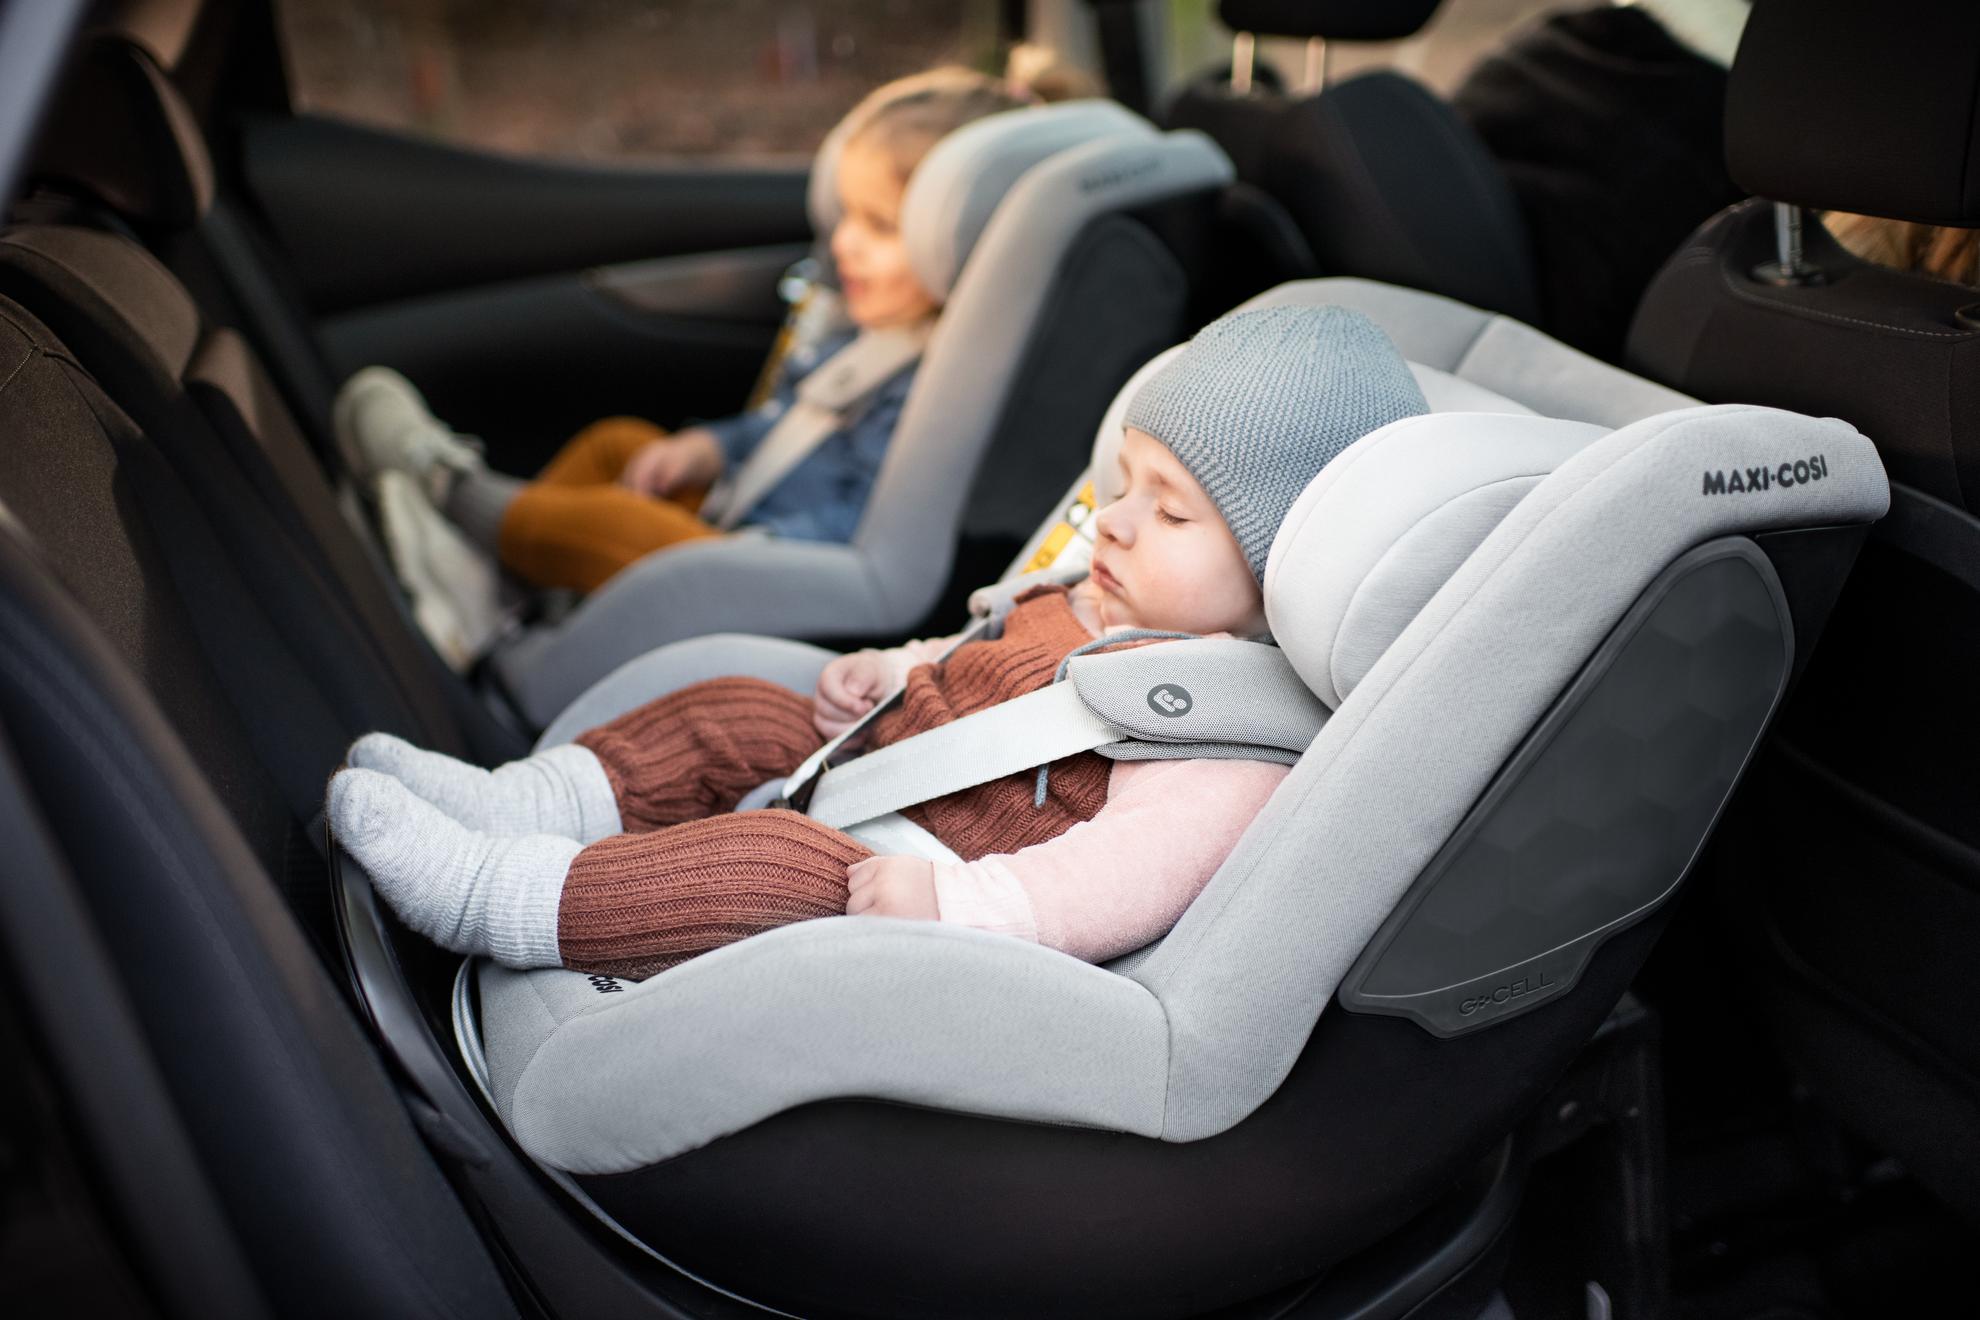 Nar ar det dags att byta fran babyskydd till bilbarnstol